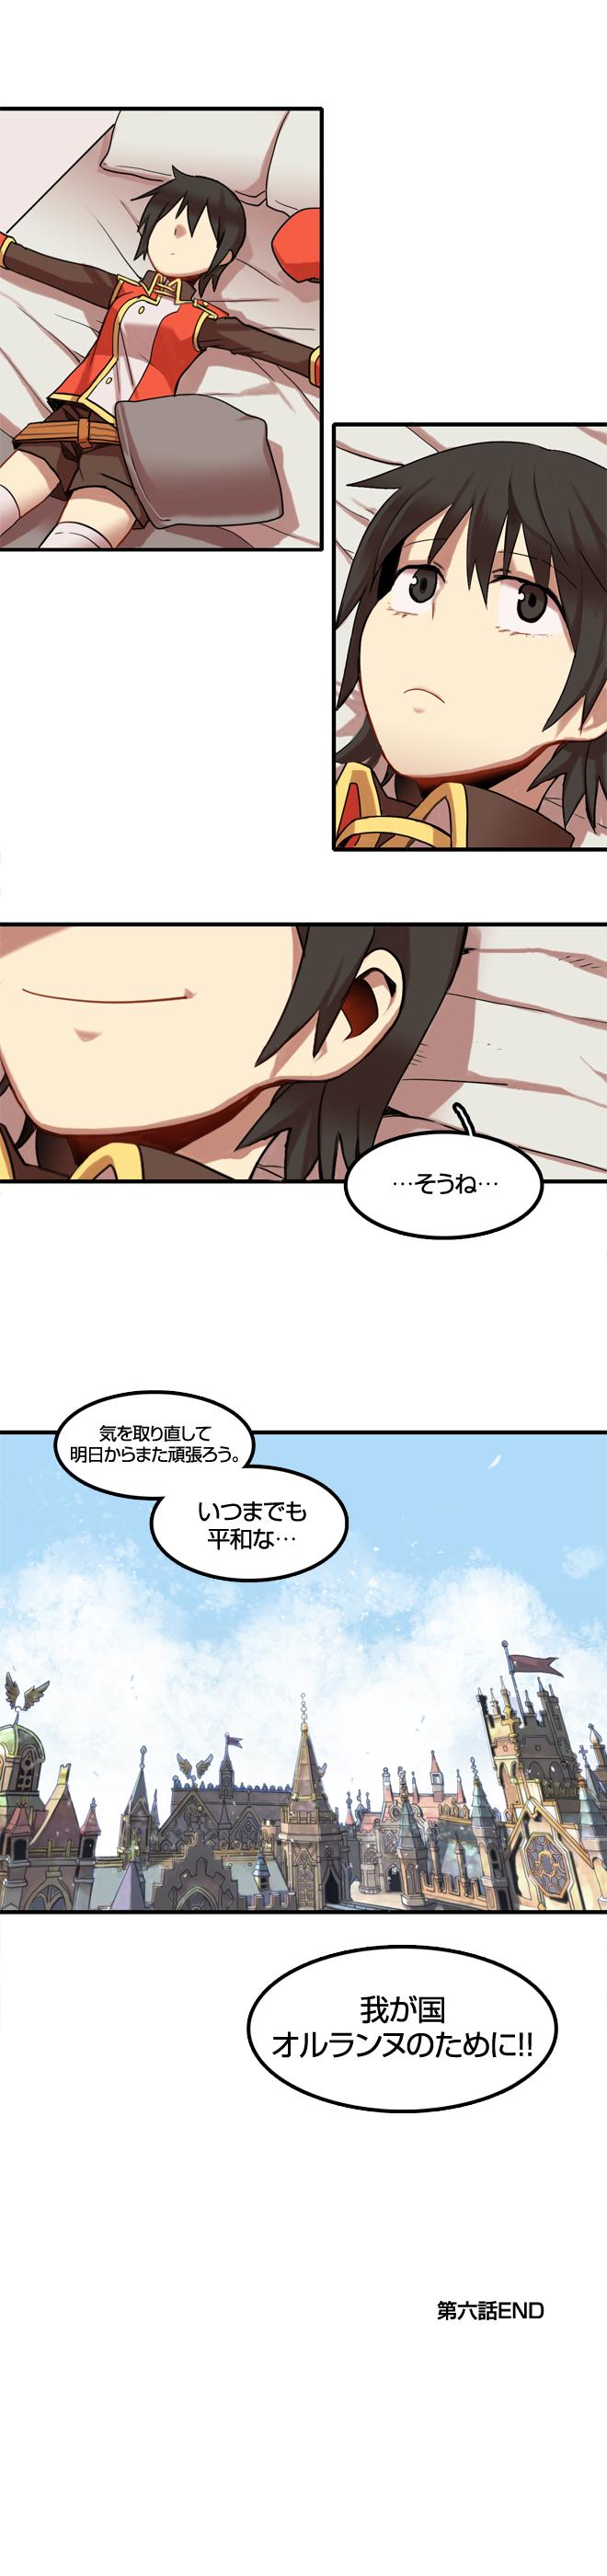 TW_Comic_6_20140917_011.jpg